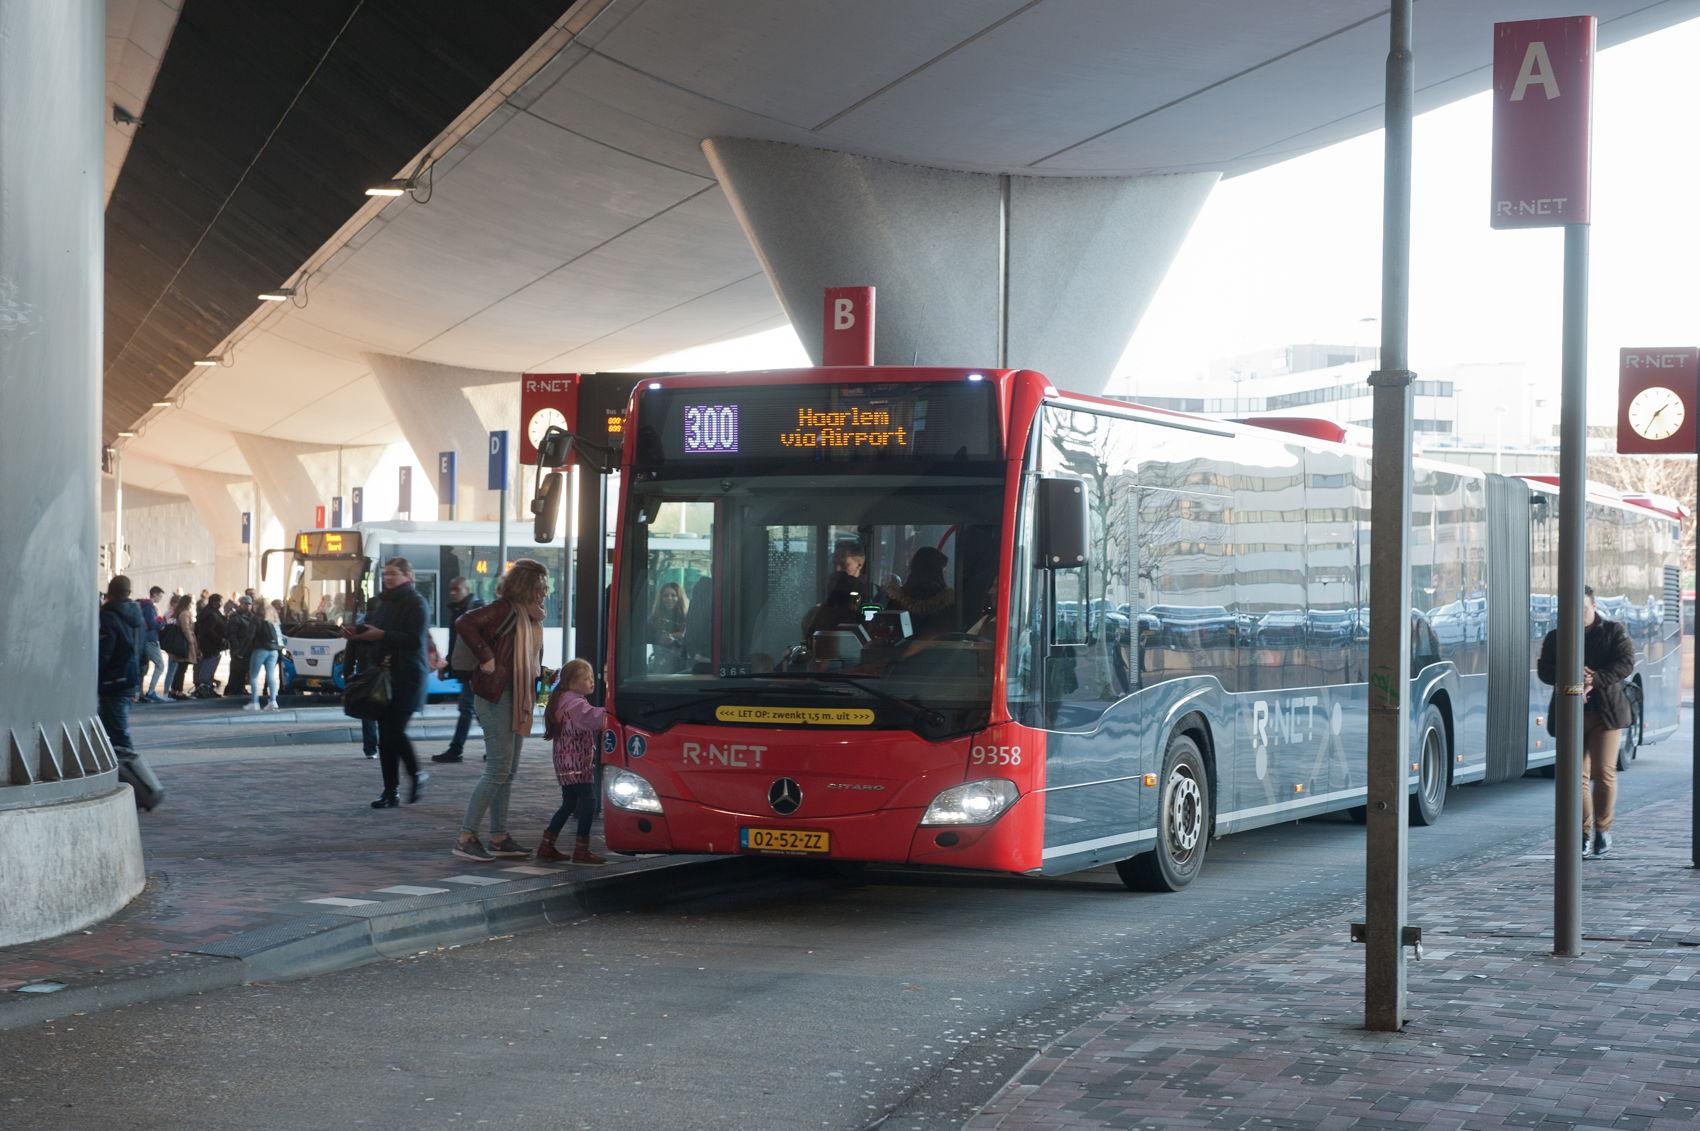 station bijlmer arena-7464